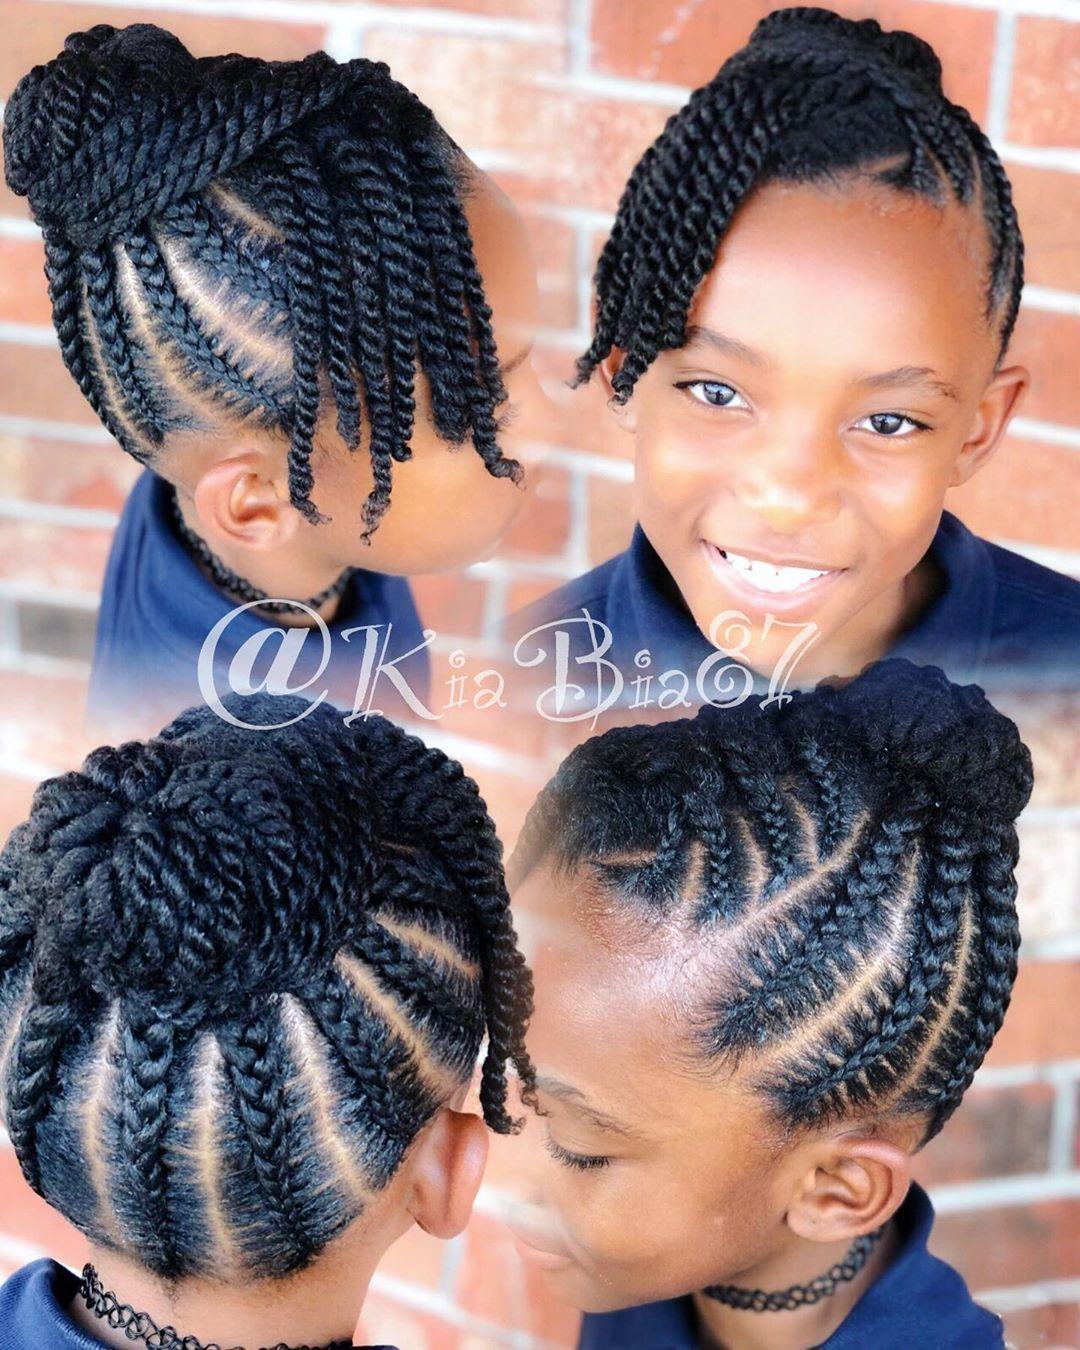 Lil Naturals Kiasnaturals Hinesvillebraider Naturalhairstyles Kidbraids Stitchbraids Savannahbraid Lil Girl Hairstyles Hair Styles Natural Hair Styles